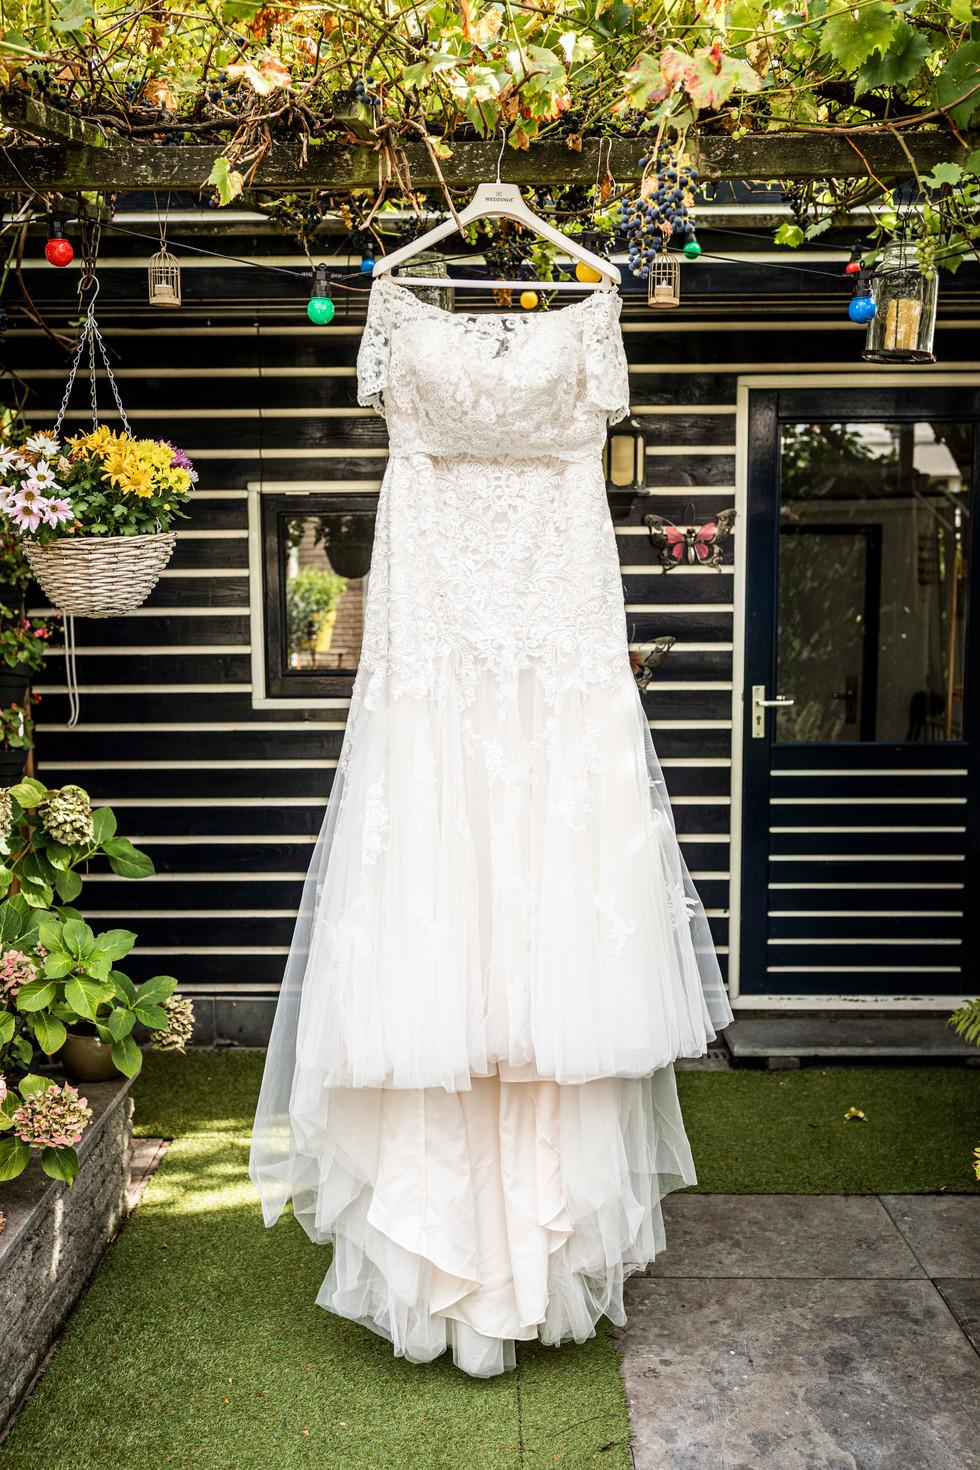 Trouwfoto van de bruidsjurk van Elise